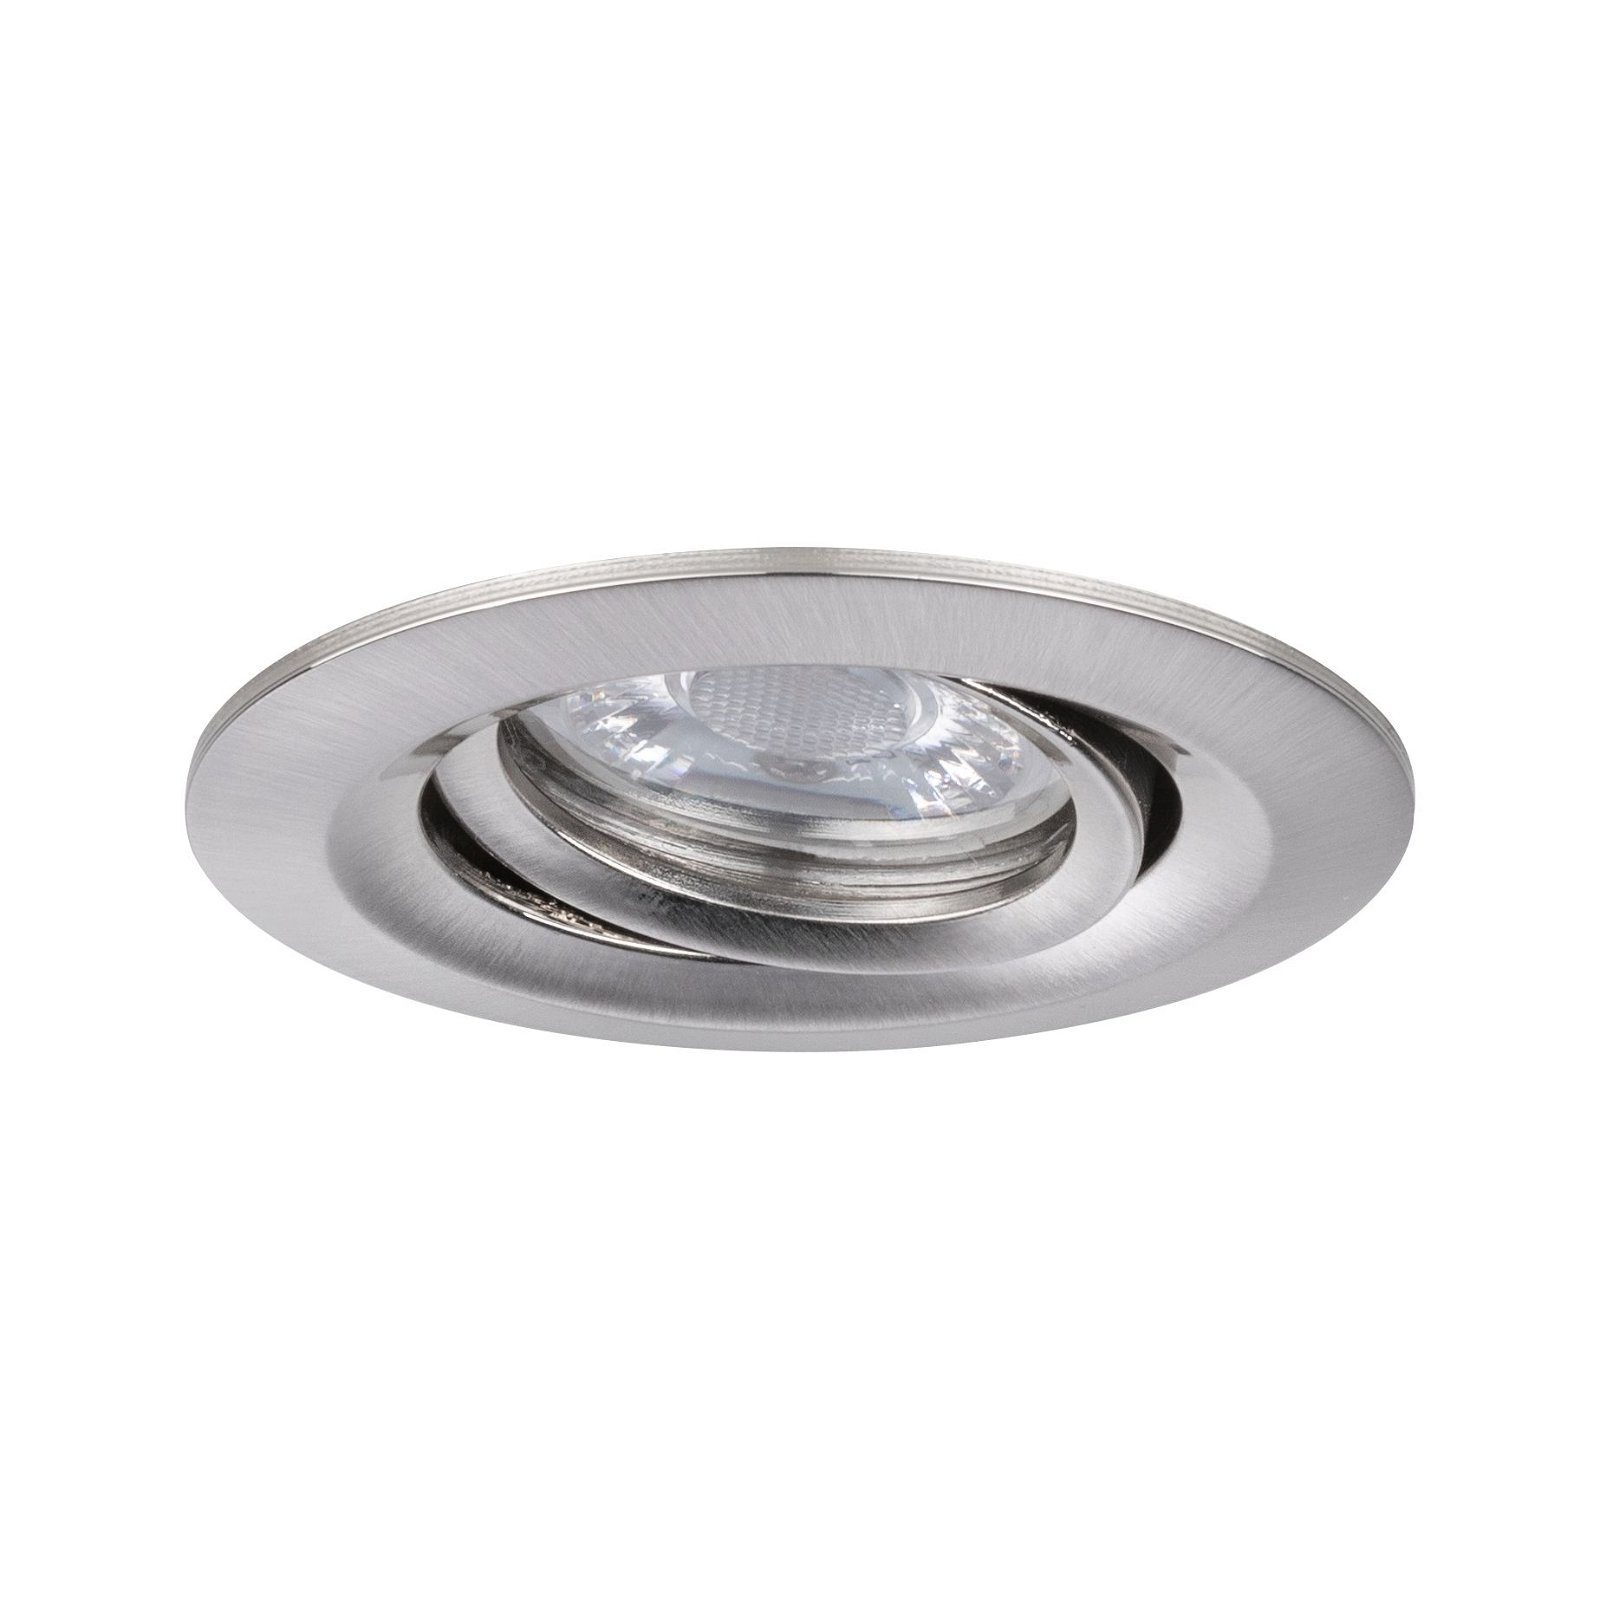 LED Einbauleuchte Nova Mini Coin Einzelleuchte schwenkbar rund 66mm 15° Coin 4W 310lm 230V 2700K Eisen gebürstet